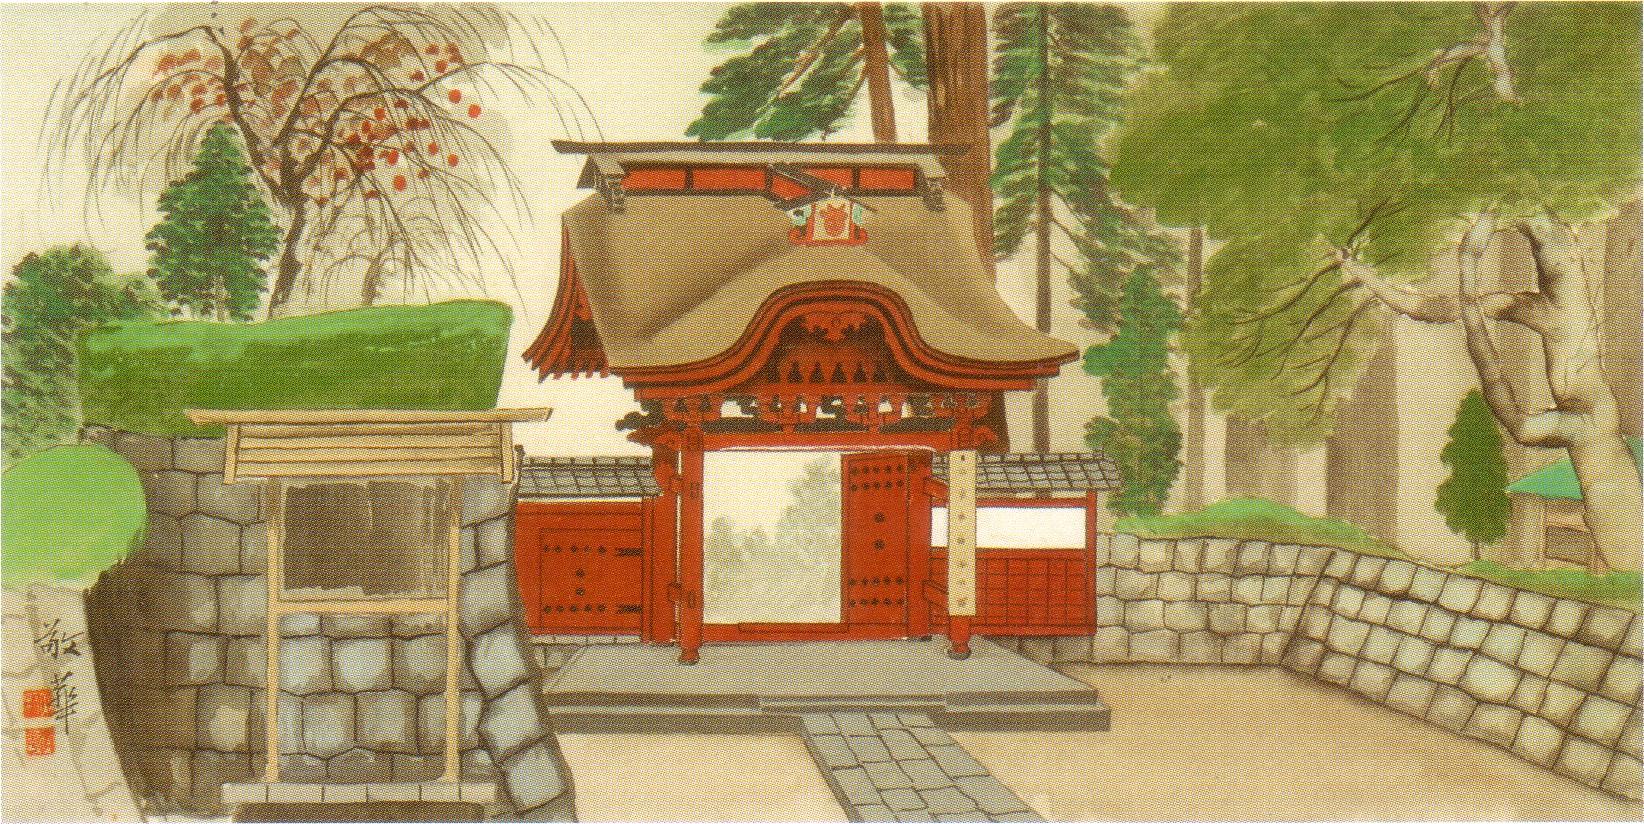 Le portail du soleil levant (porte de l'ogre)